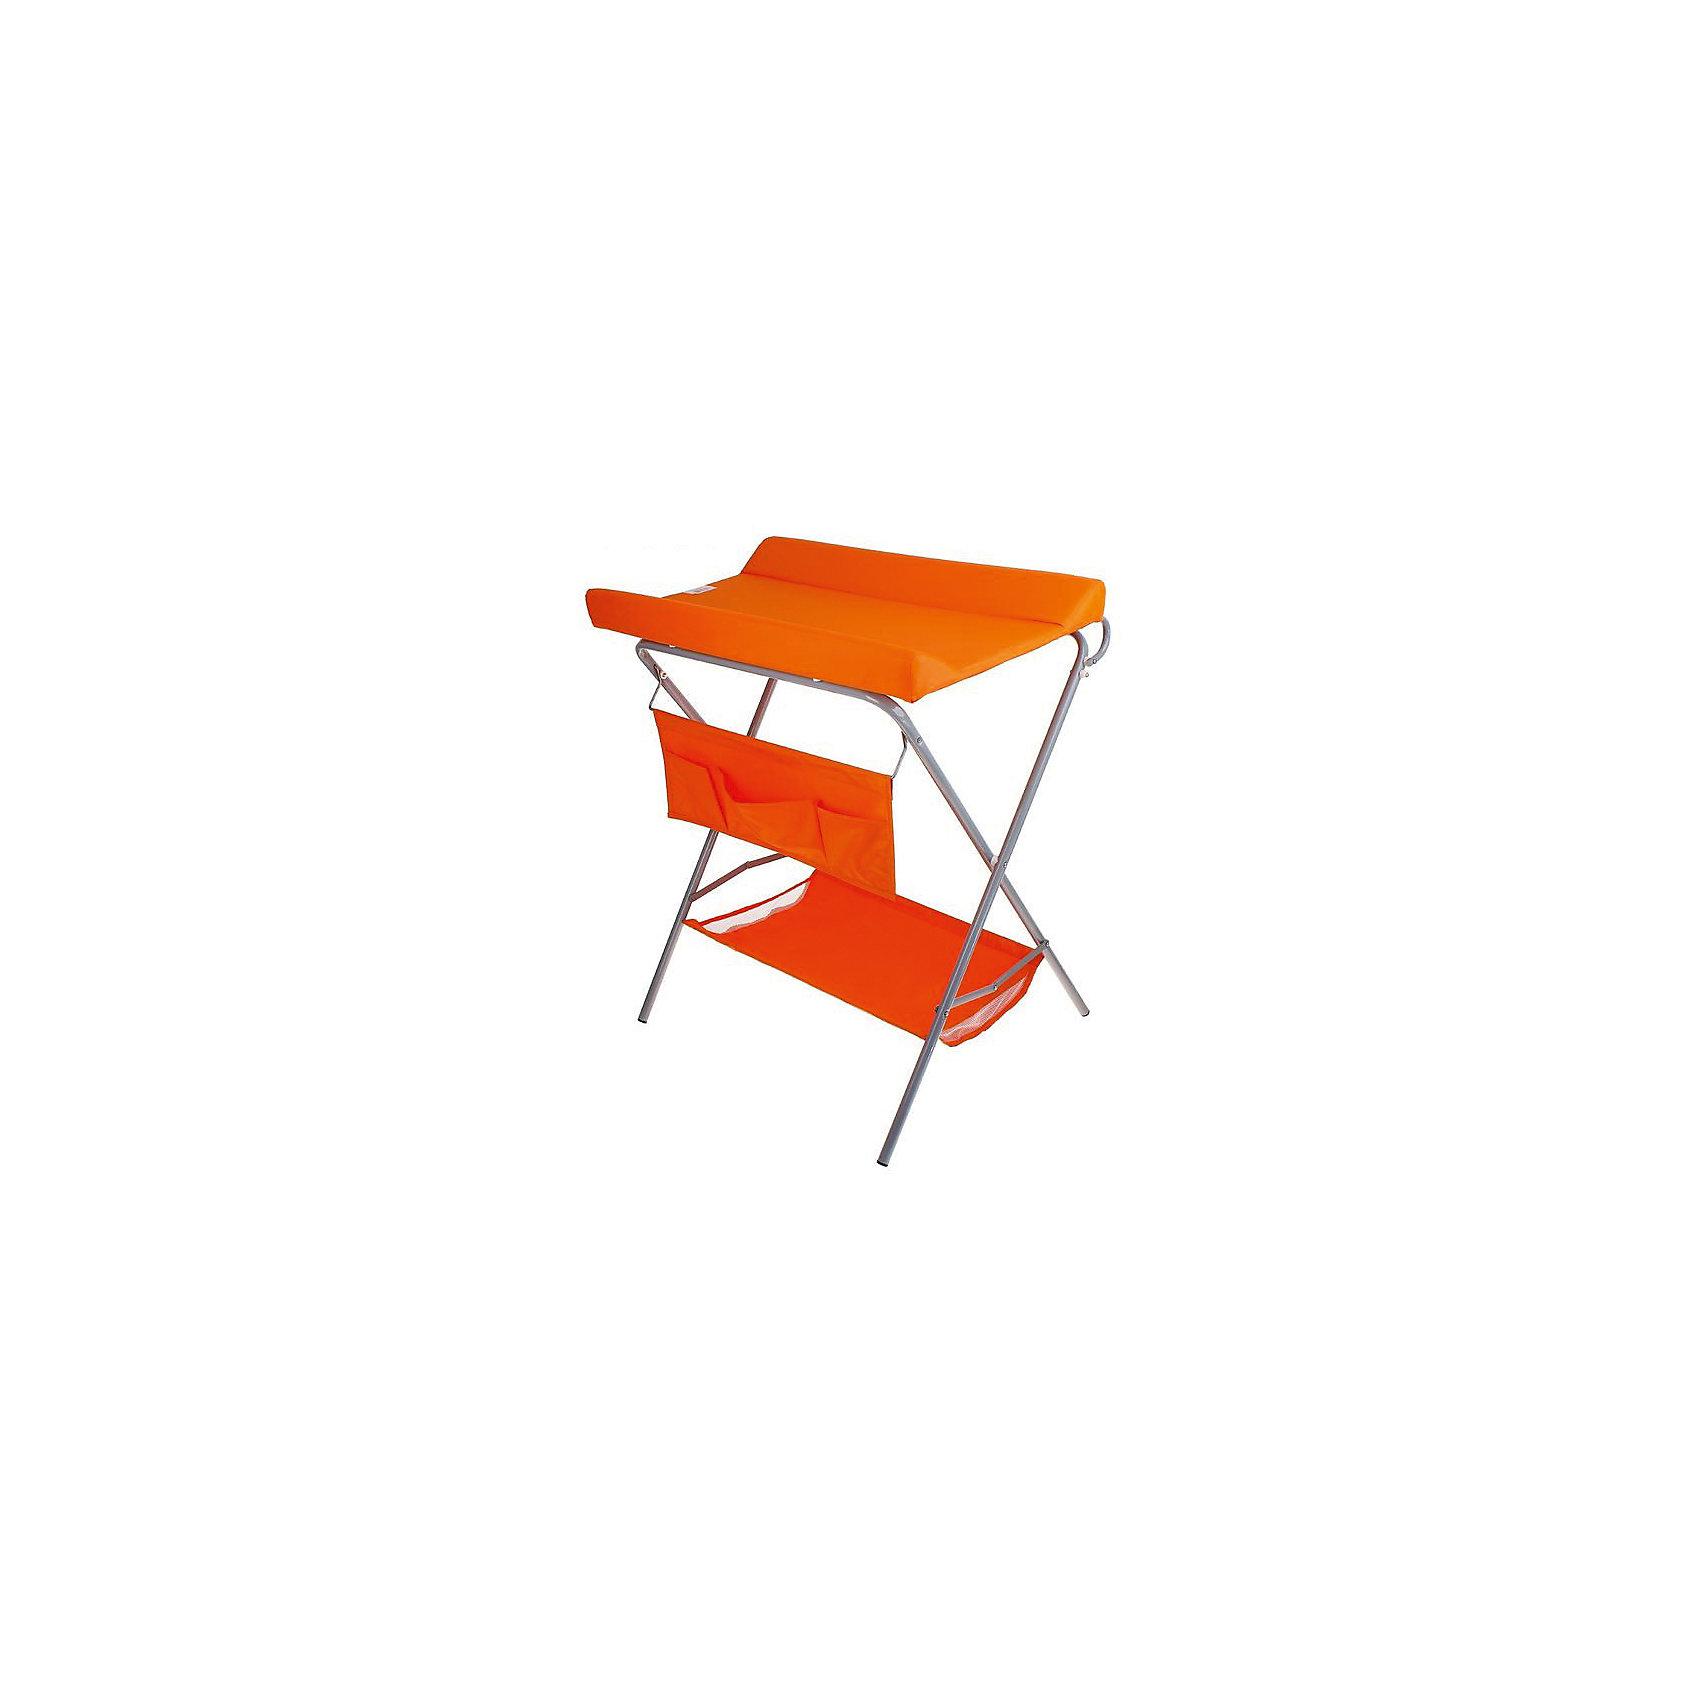 Пеленальный столик, Фея, оранжевый (ФЕЯ)